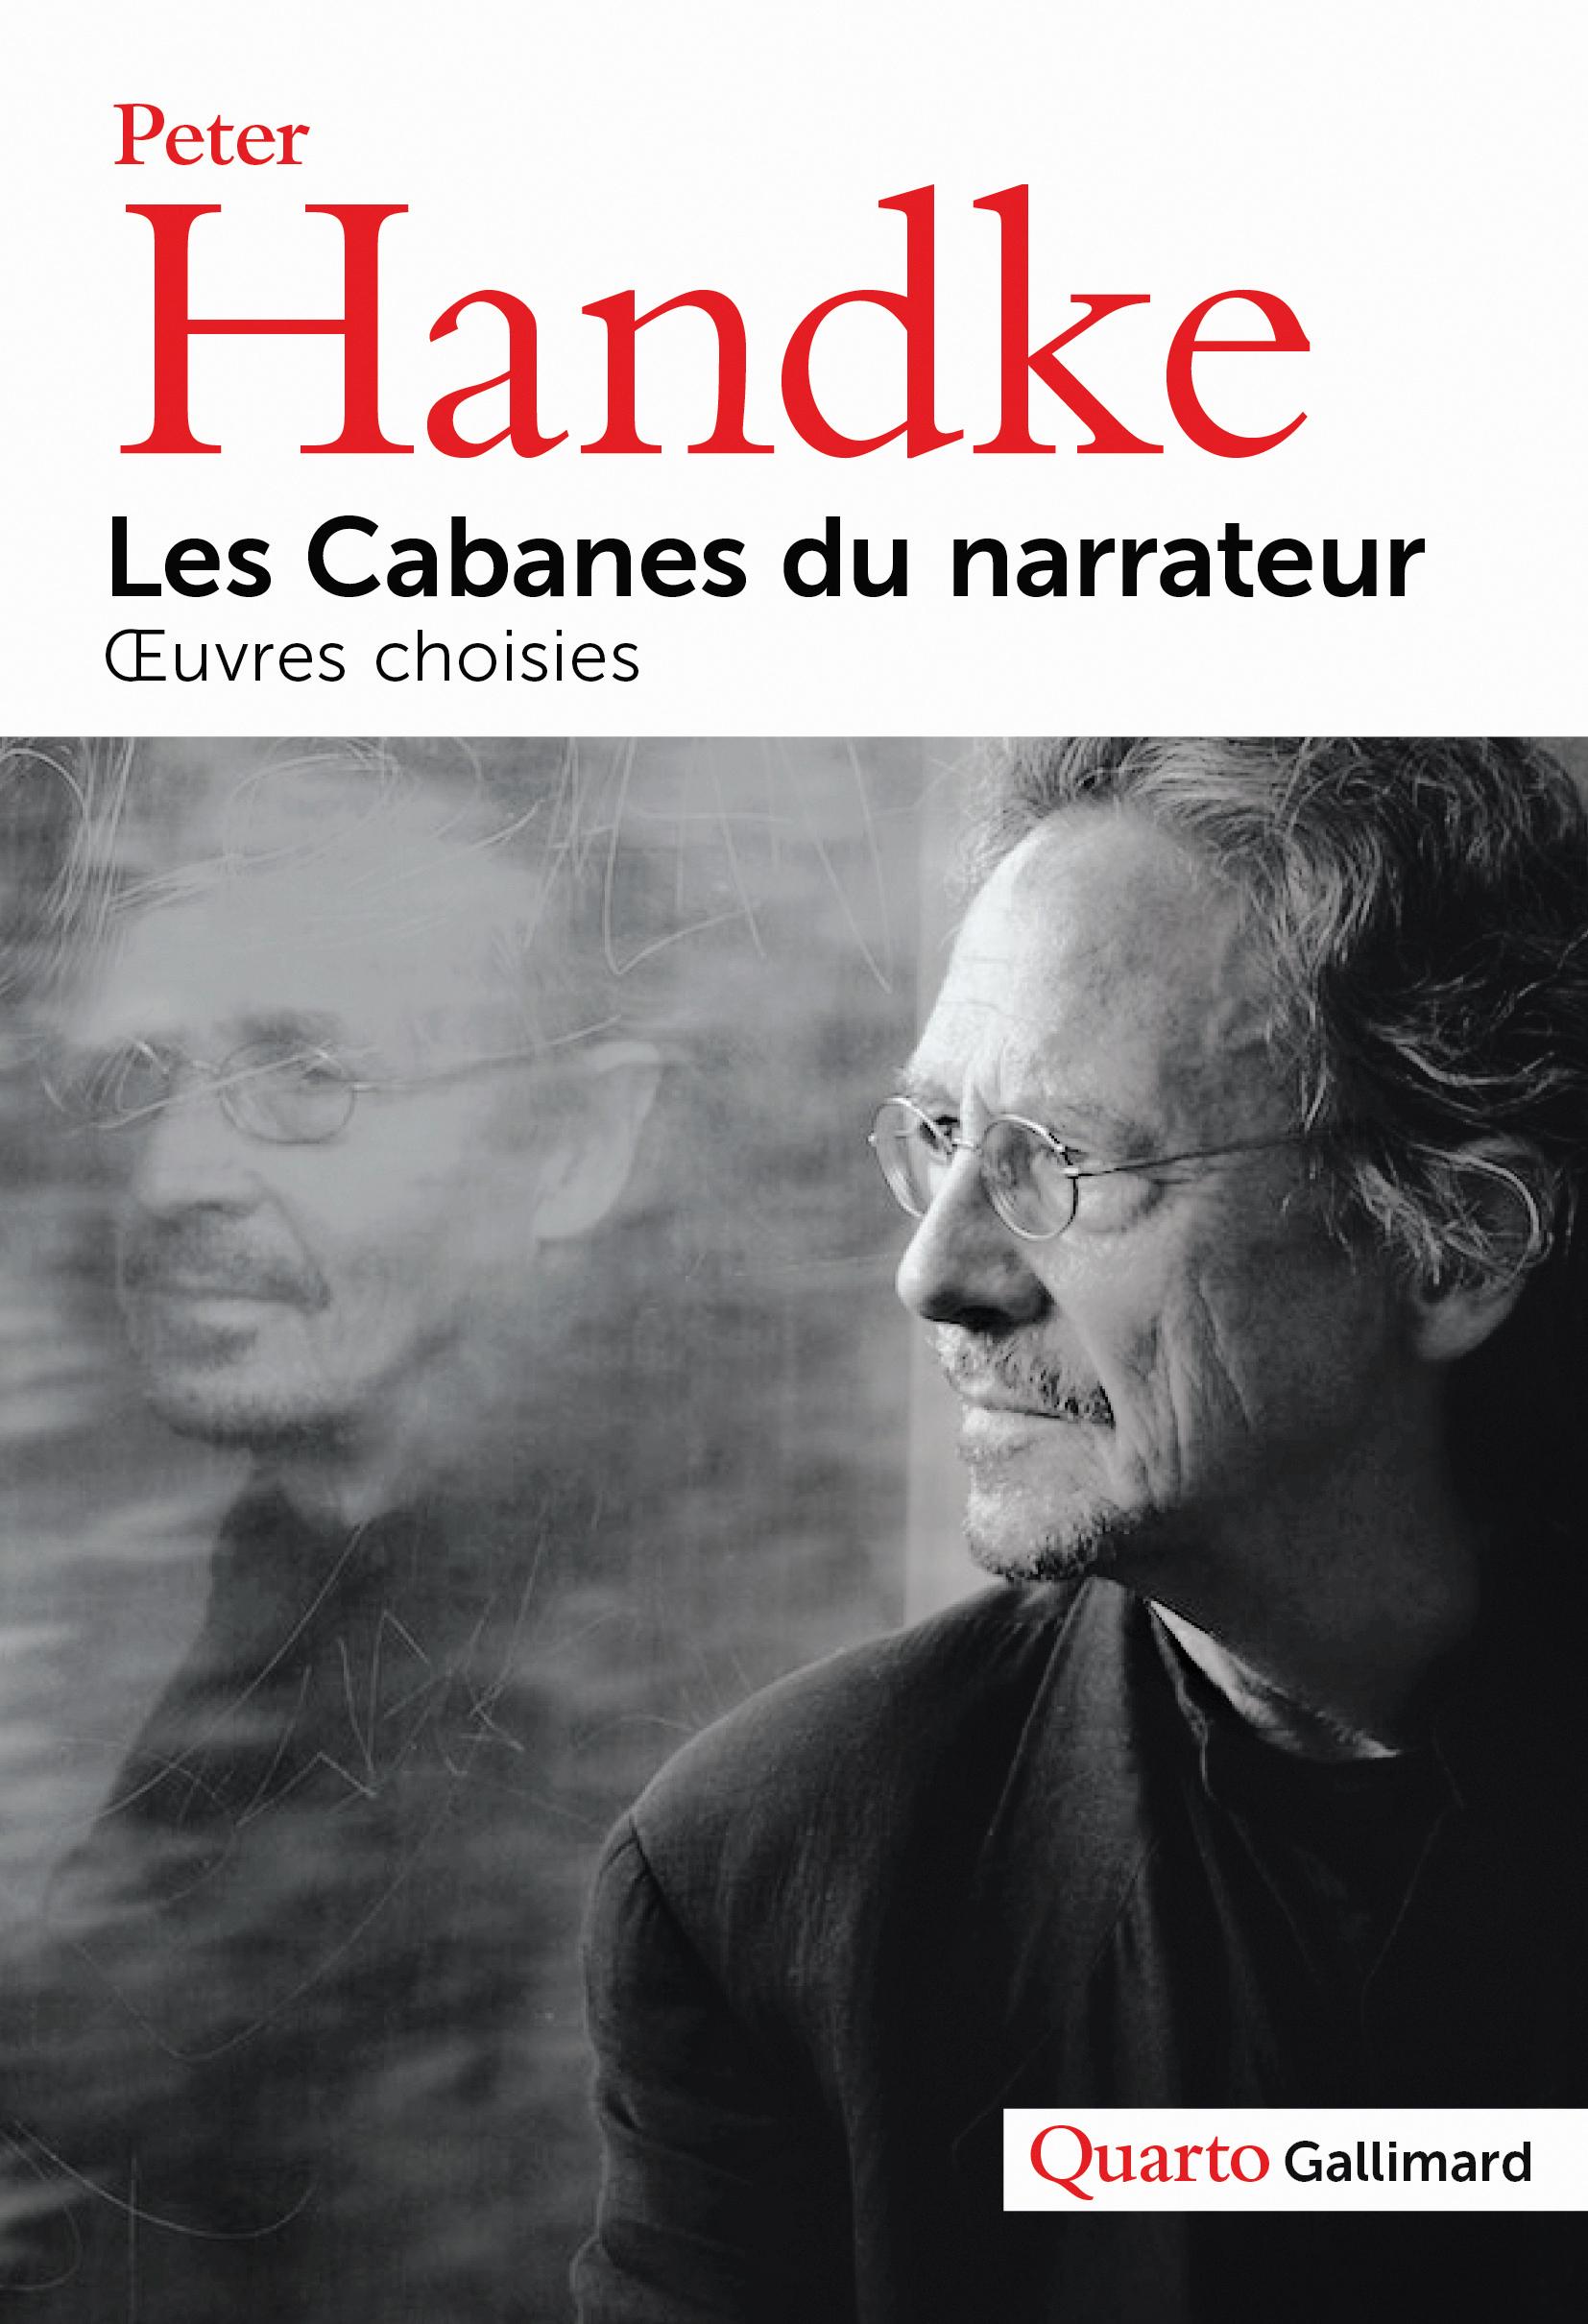 P. Handke, Les cabanes du narrateur. Œuvres choisies (coll. Quarto)